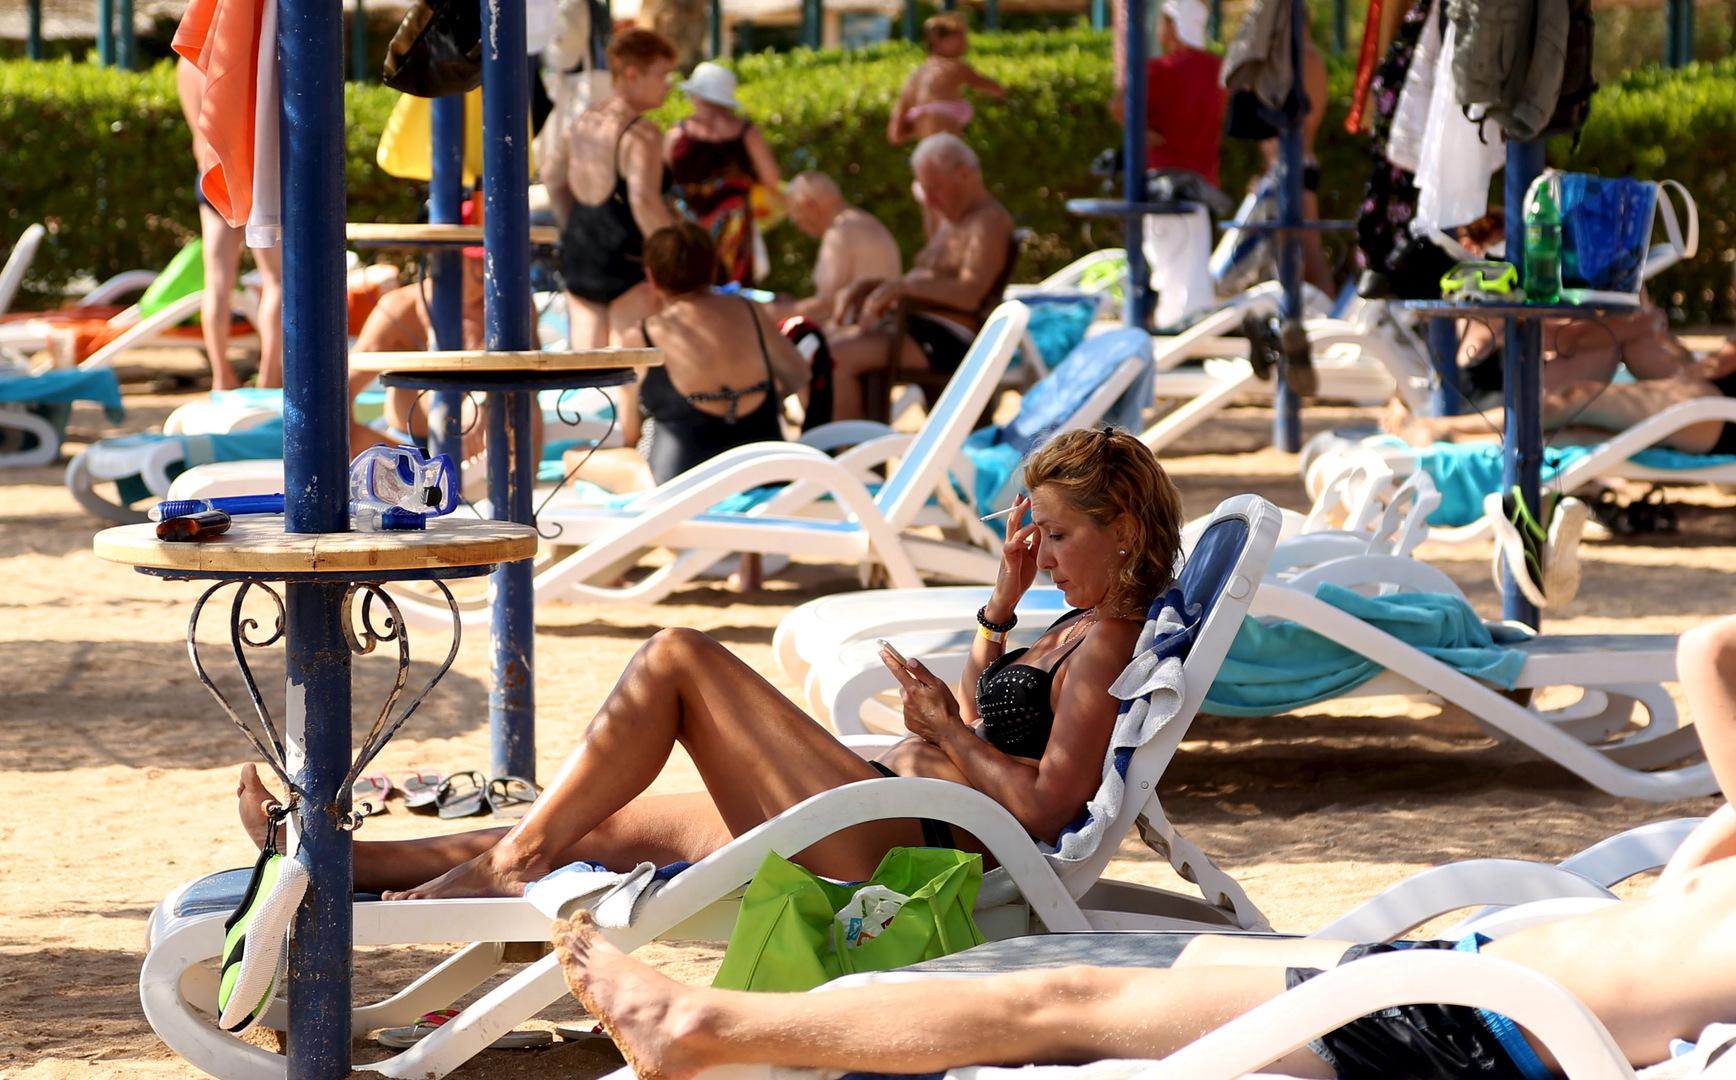 مصر تعلن وقف إنشاء شركات سياحية جديدة لعدم حاجة البلاد